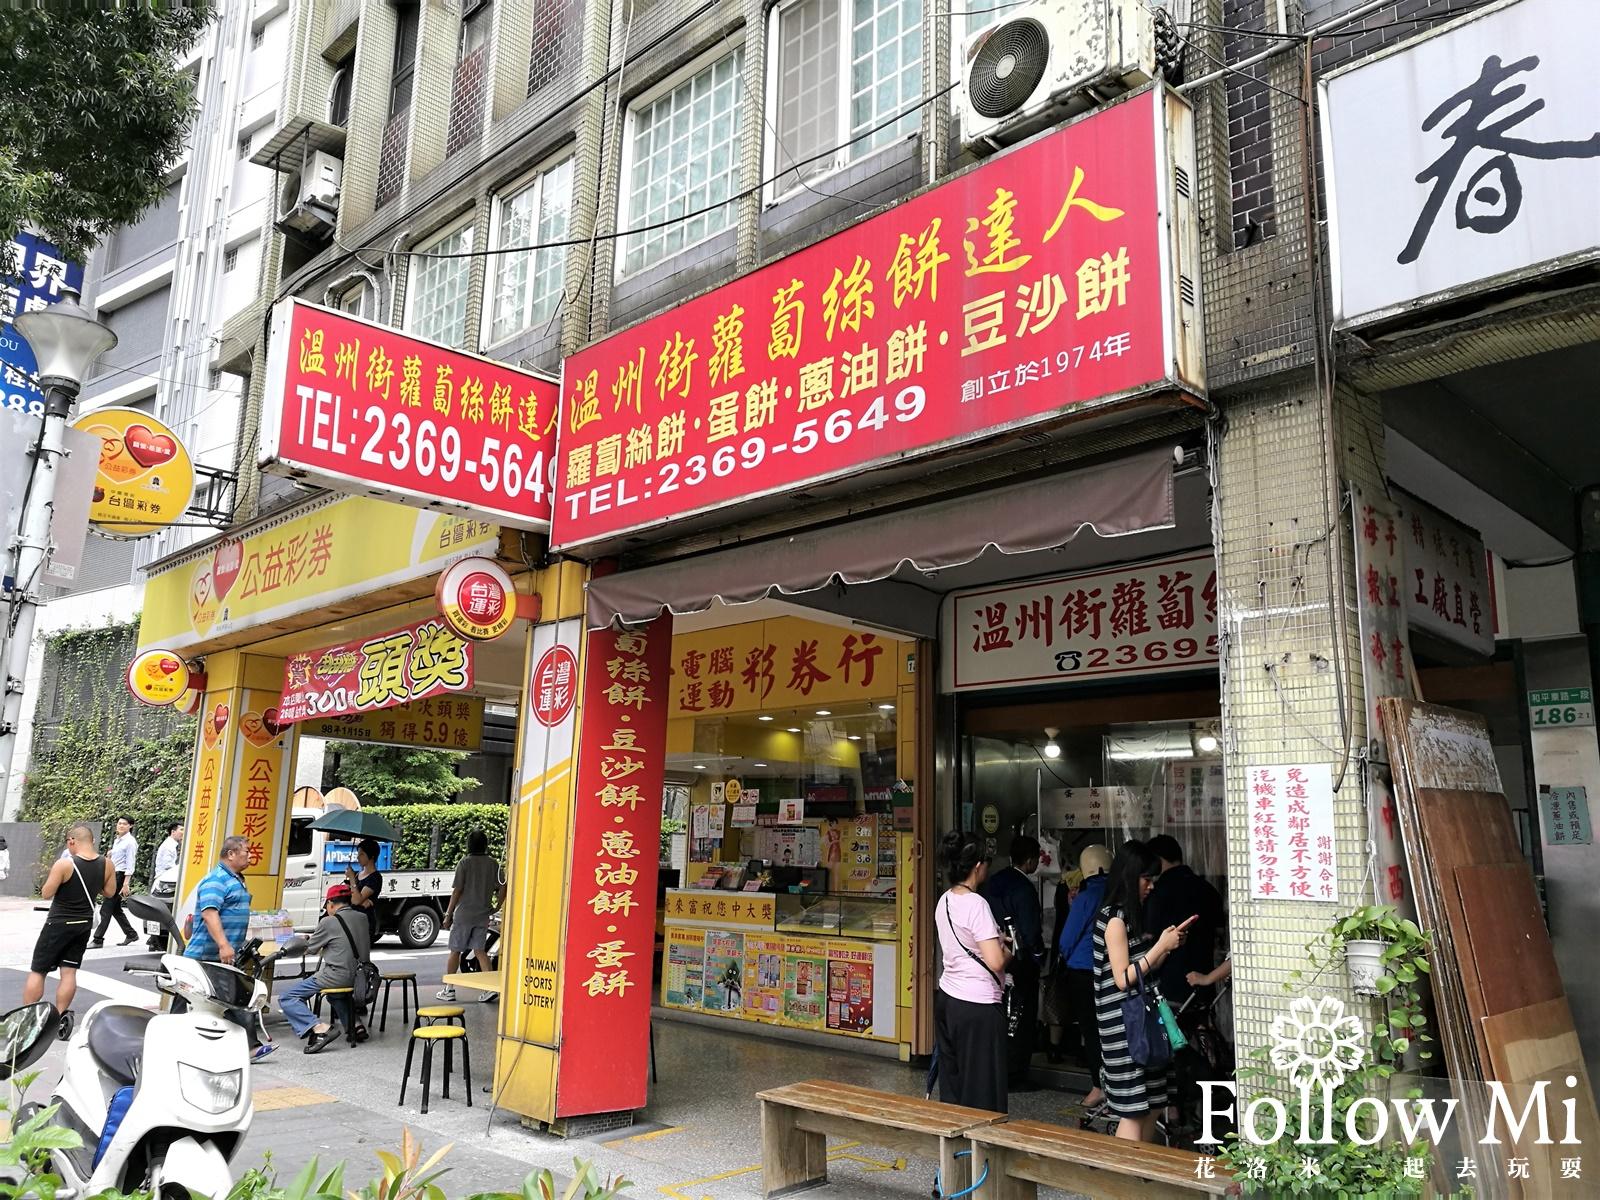 大安區超美味高CP值小吃 溫州街蘿蔔絲餅達人 - Yahoo奇摩旅遊